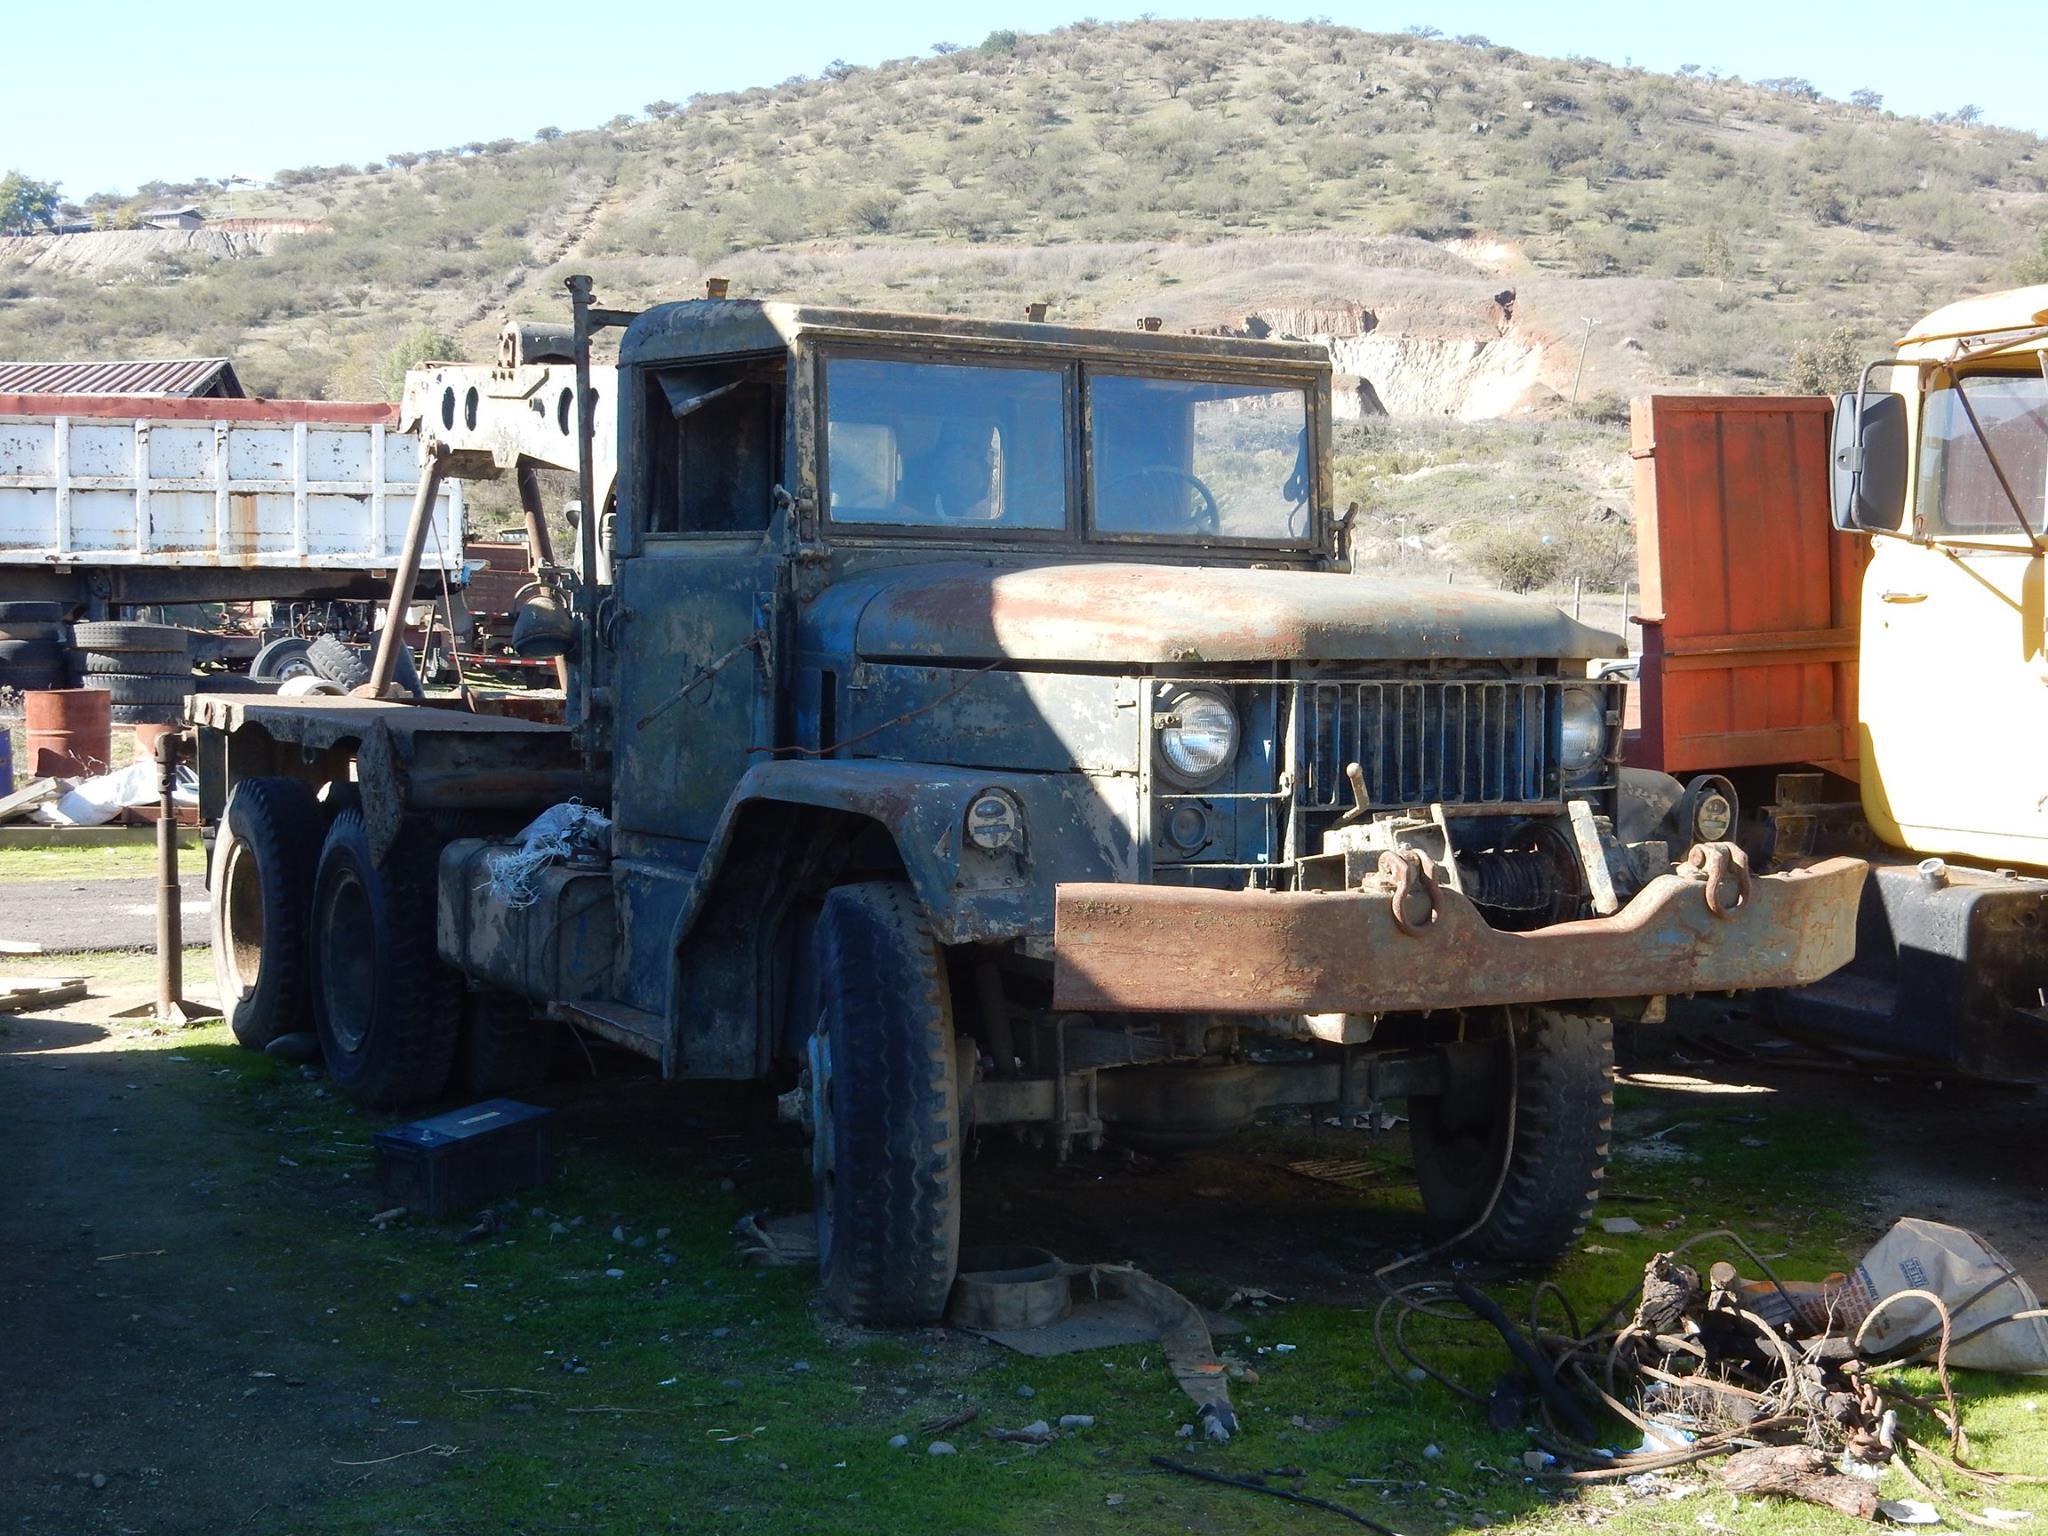 Camiones-vieja-escuela-olvidados-78